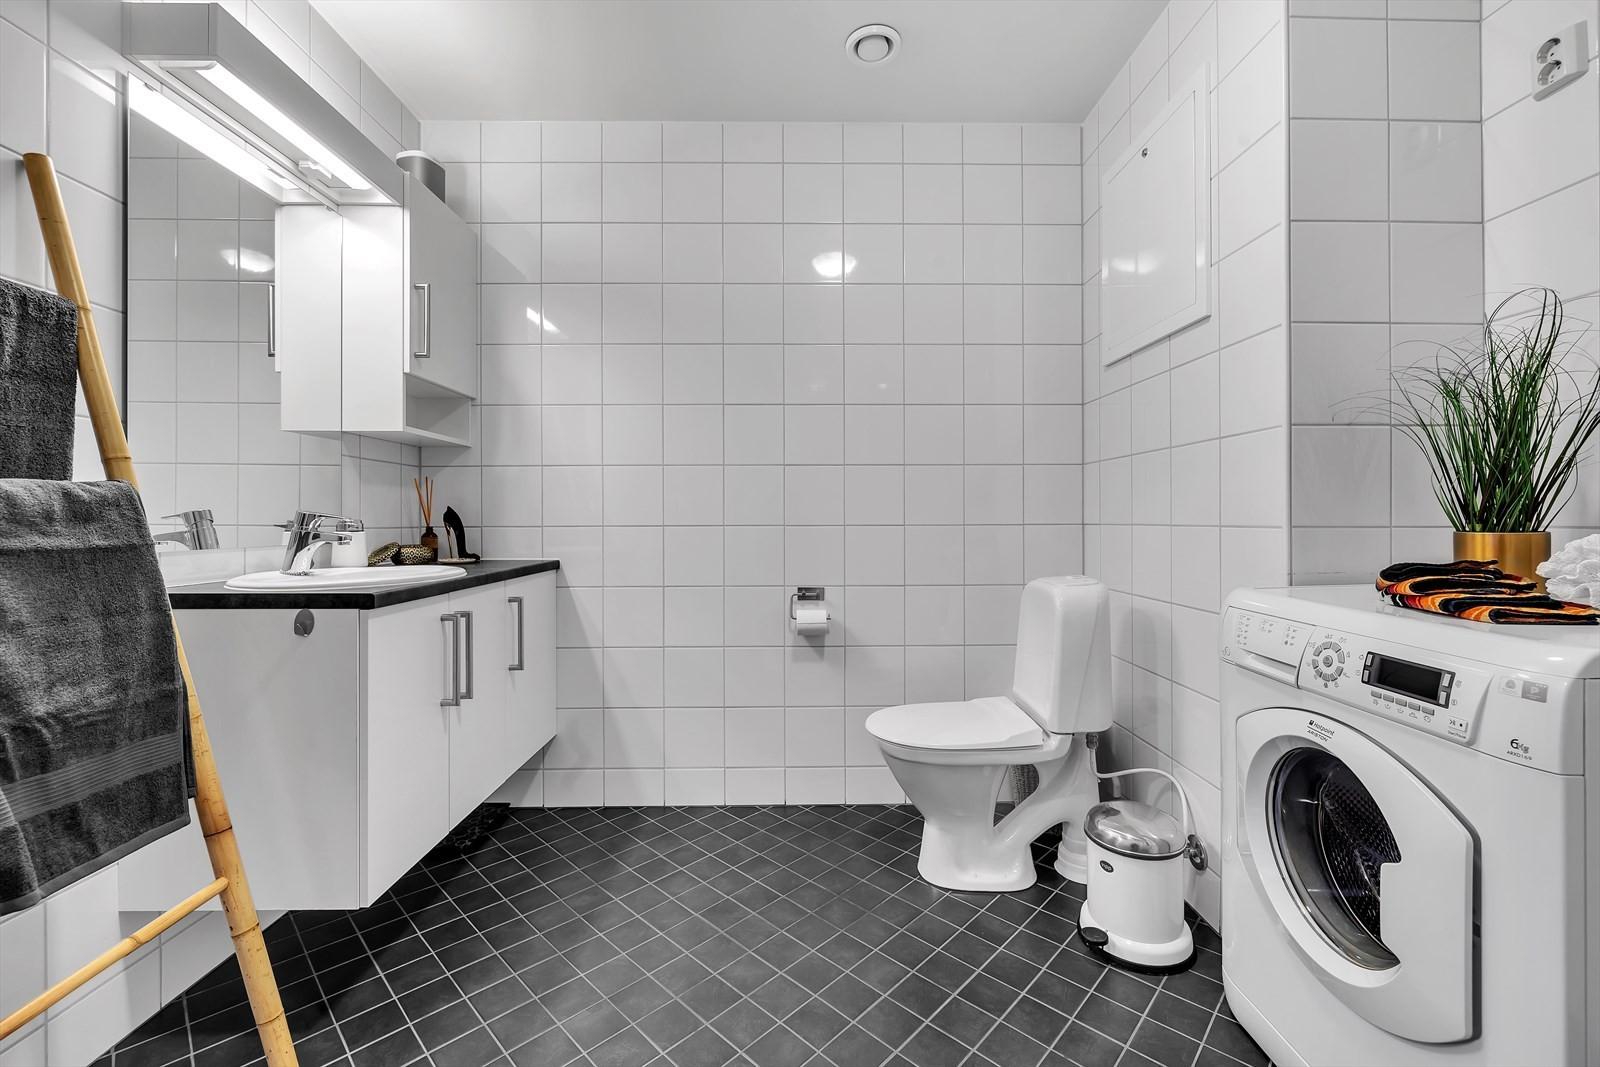 Flislagt bad med gulvvarme. God innredning. Uttak til vaskemaskin.